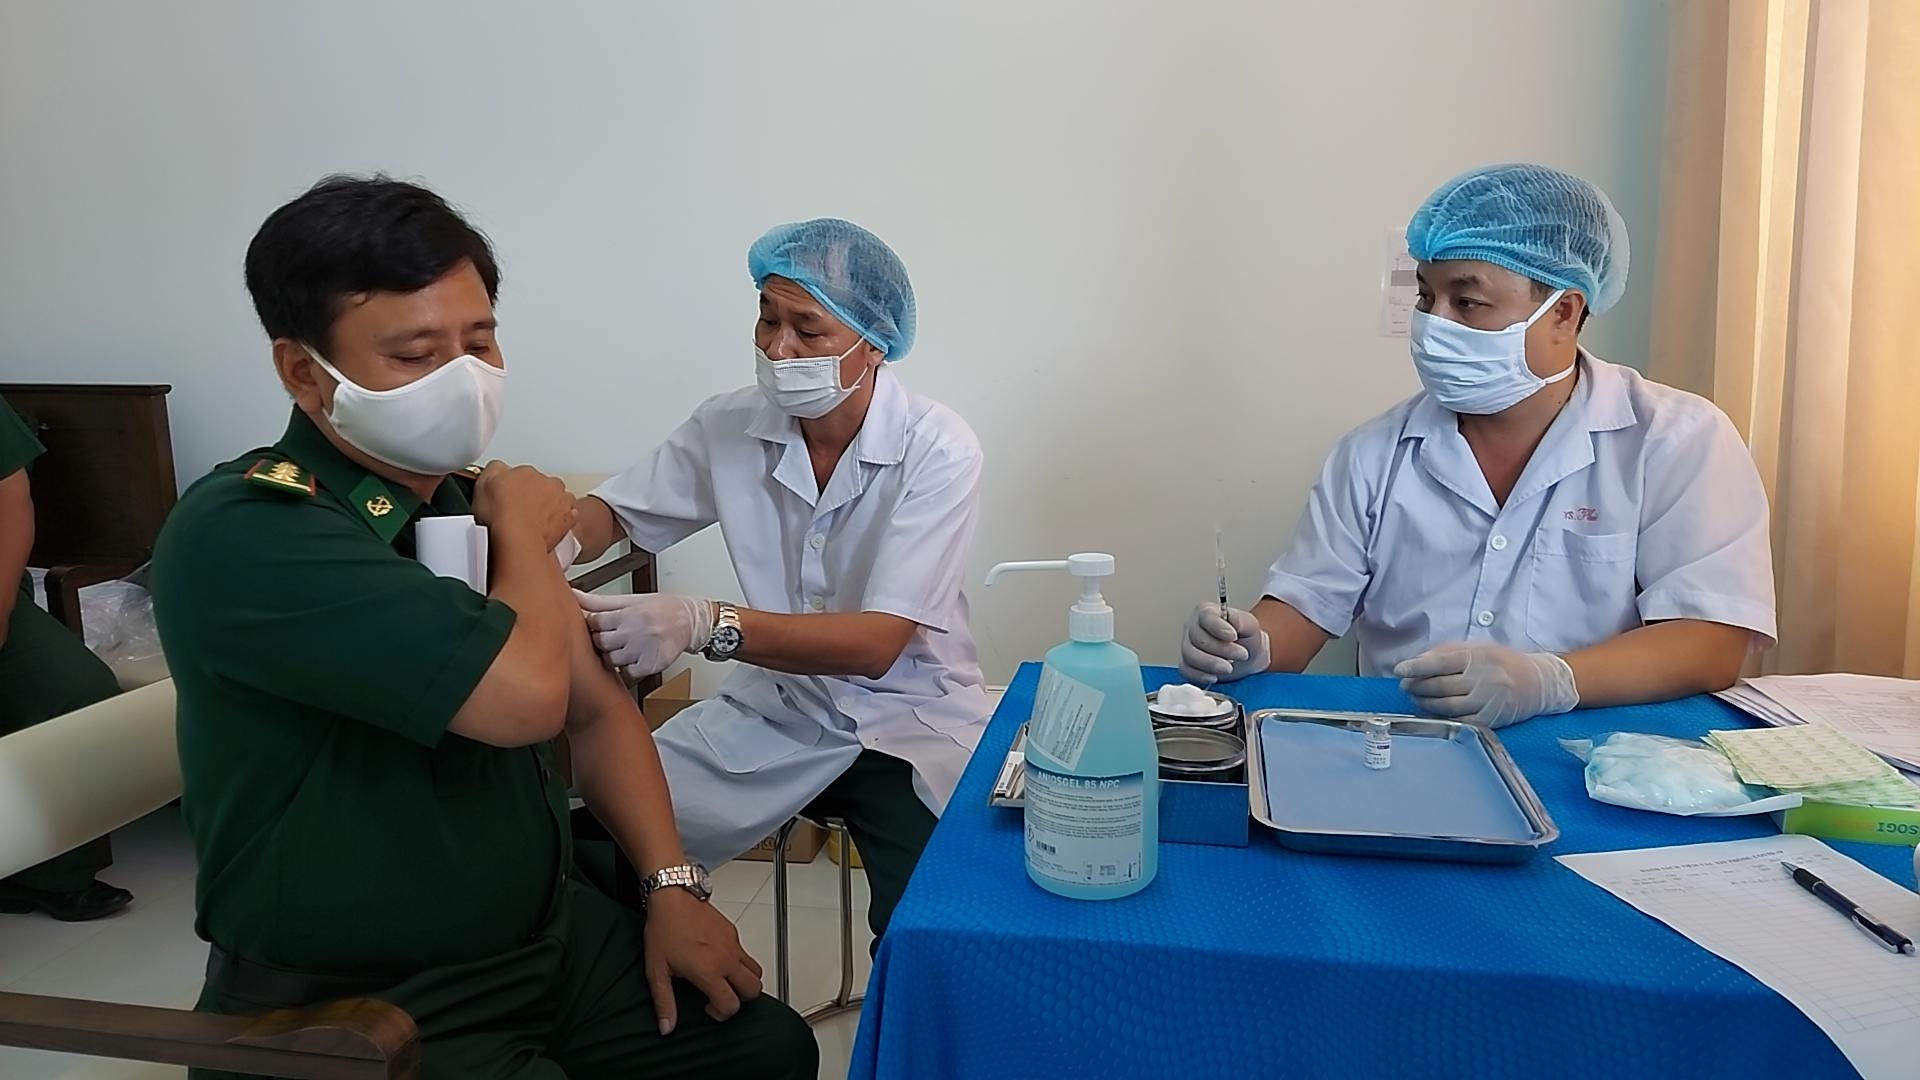 Các bác sĩ chuyên khoa tiến hành tiêm vaccine cho cán bộ Biên phòng Kiên Giang